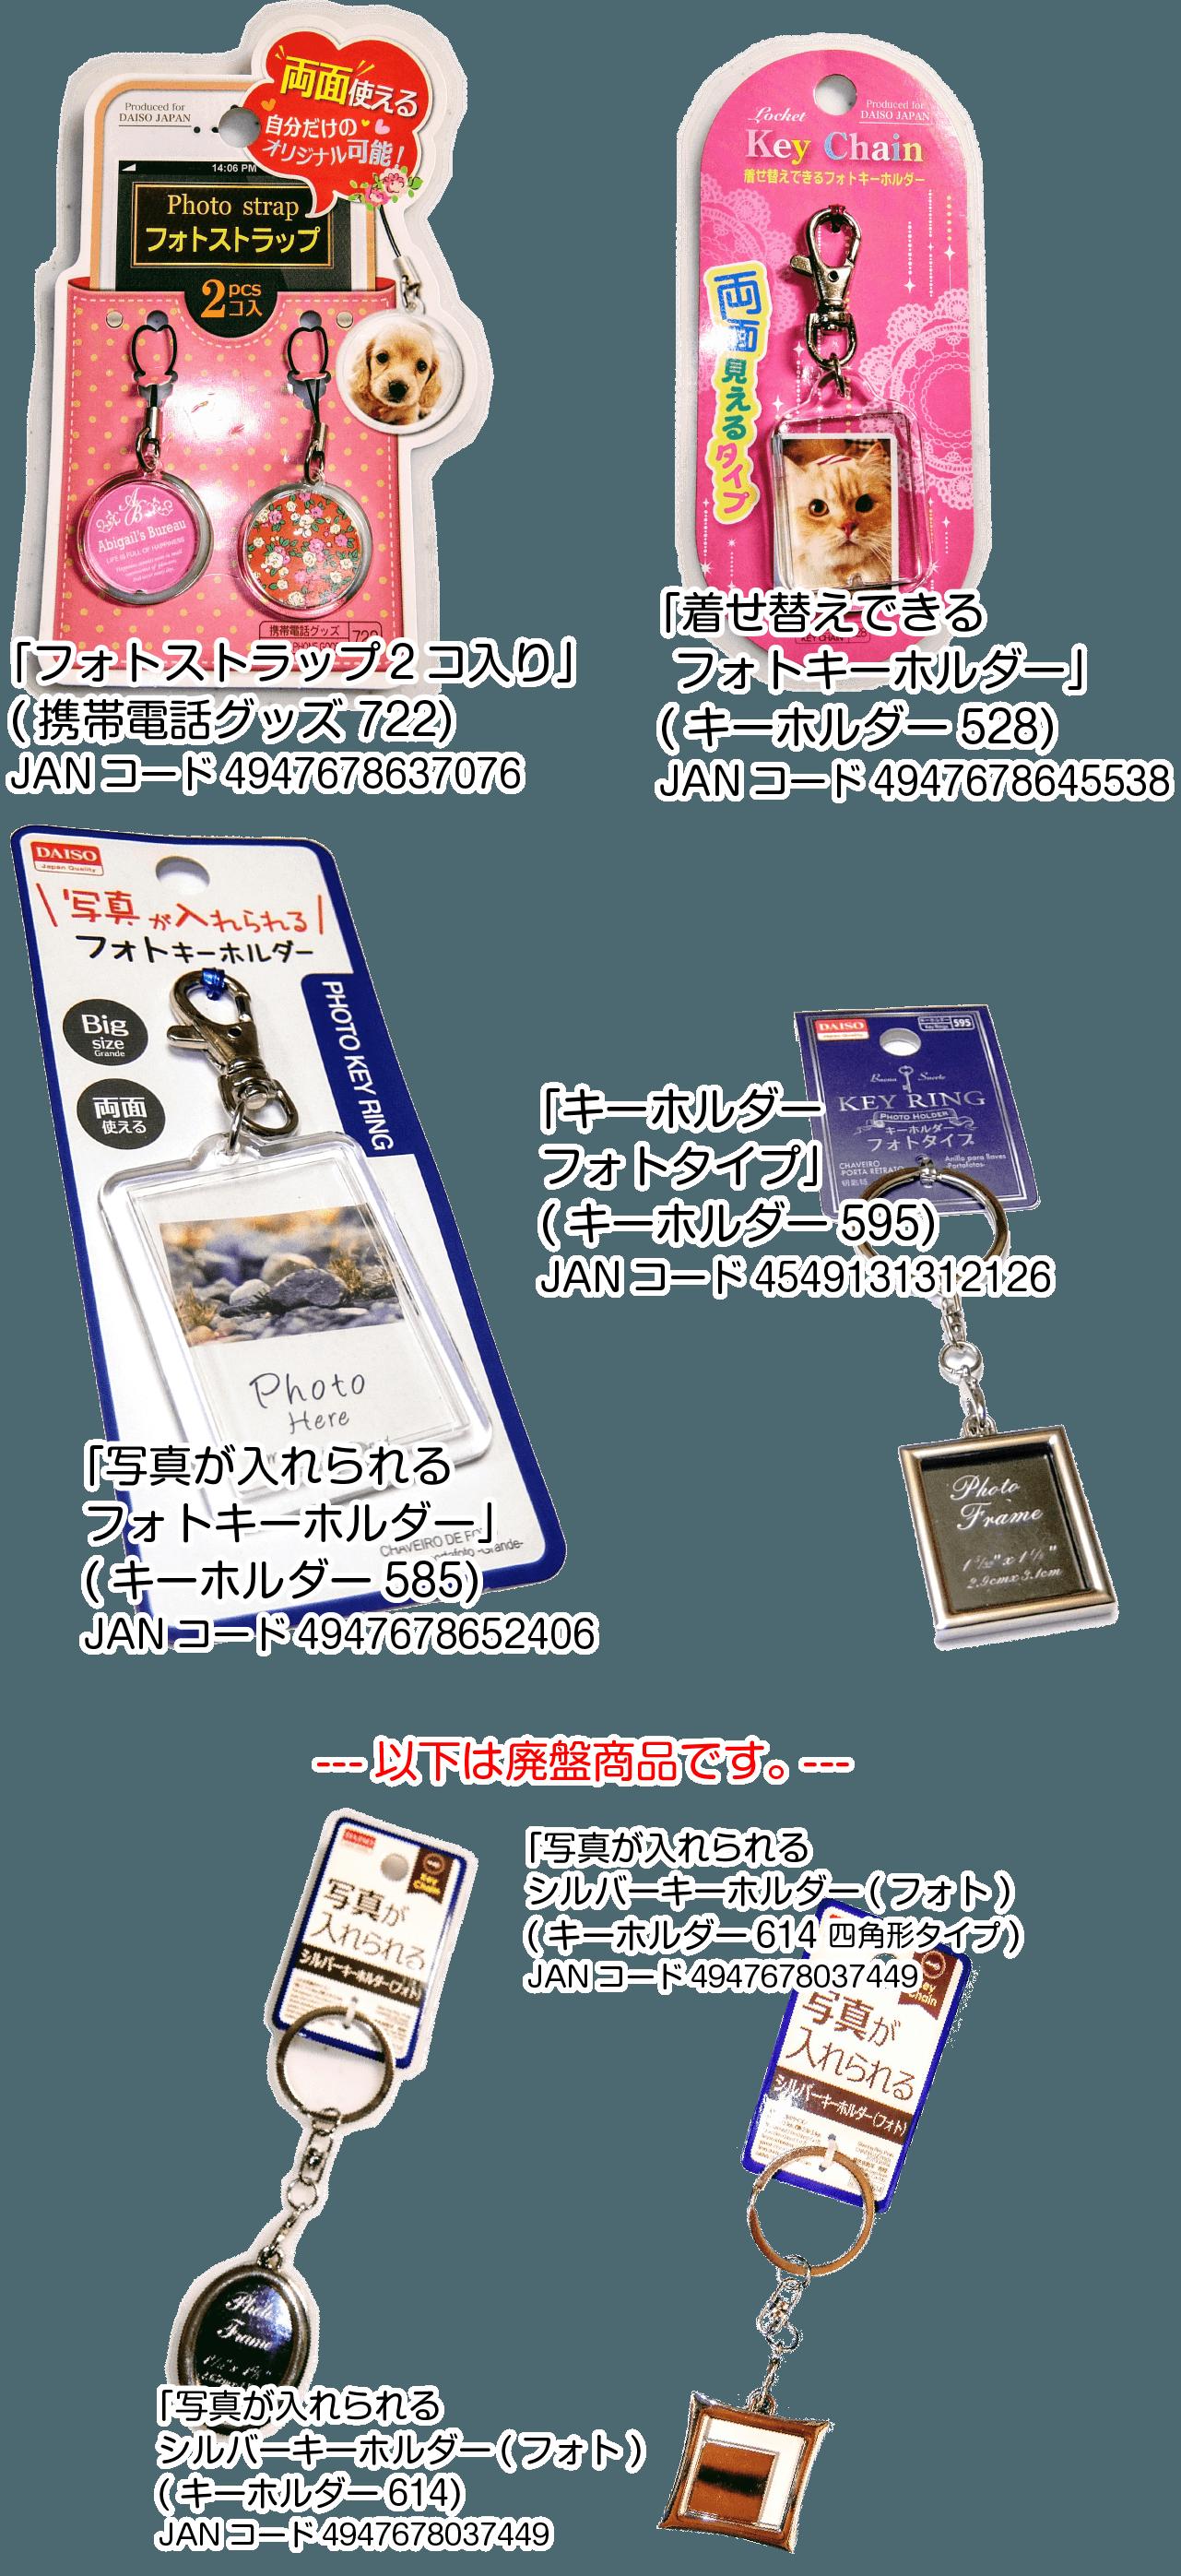 対応キーホルダーの一覧 「フォトストラップ2コ入り」携帯電話グッズ722、「着せ替えできる フォトキーホルダー」キーホルダー528、「写真が入れられるフォトキーホルダー」キーホルダー585、「キーホルダーフォトタイプ」キーホルダー595、「写真が入れられる シルバーキーホルダー(フォト)」キーホルダー614、写真が入れられる シルバーキーホルダー(フォト)」キーホルダー614キーホルダー614四角形タイプ